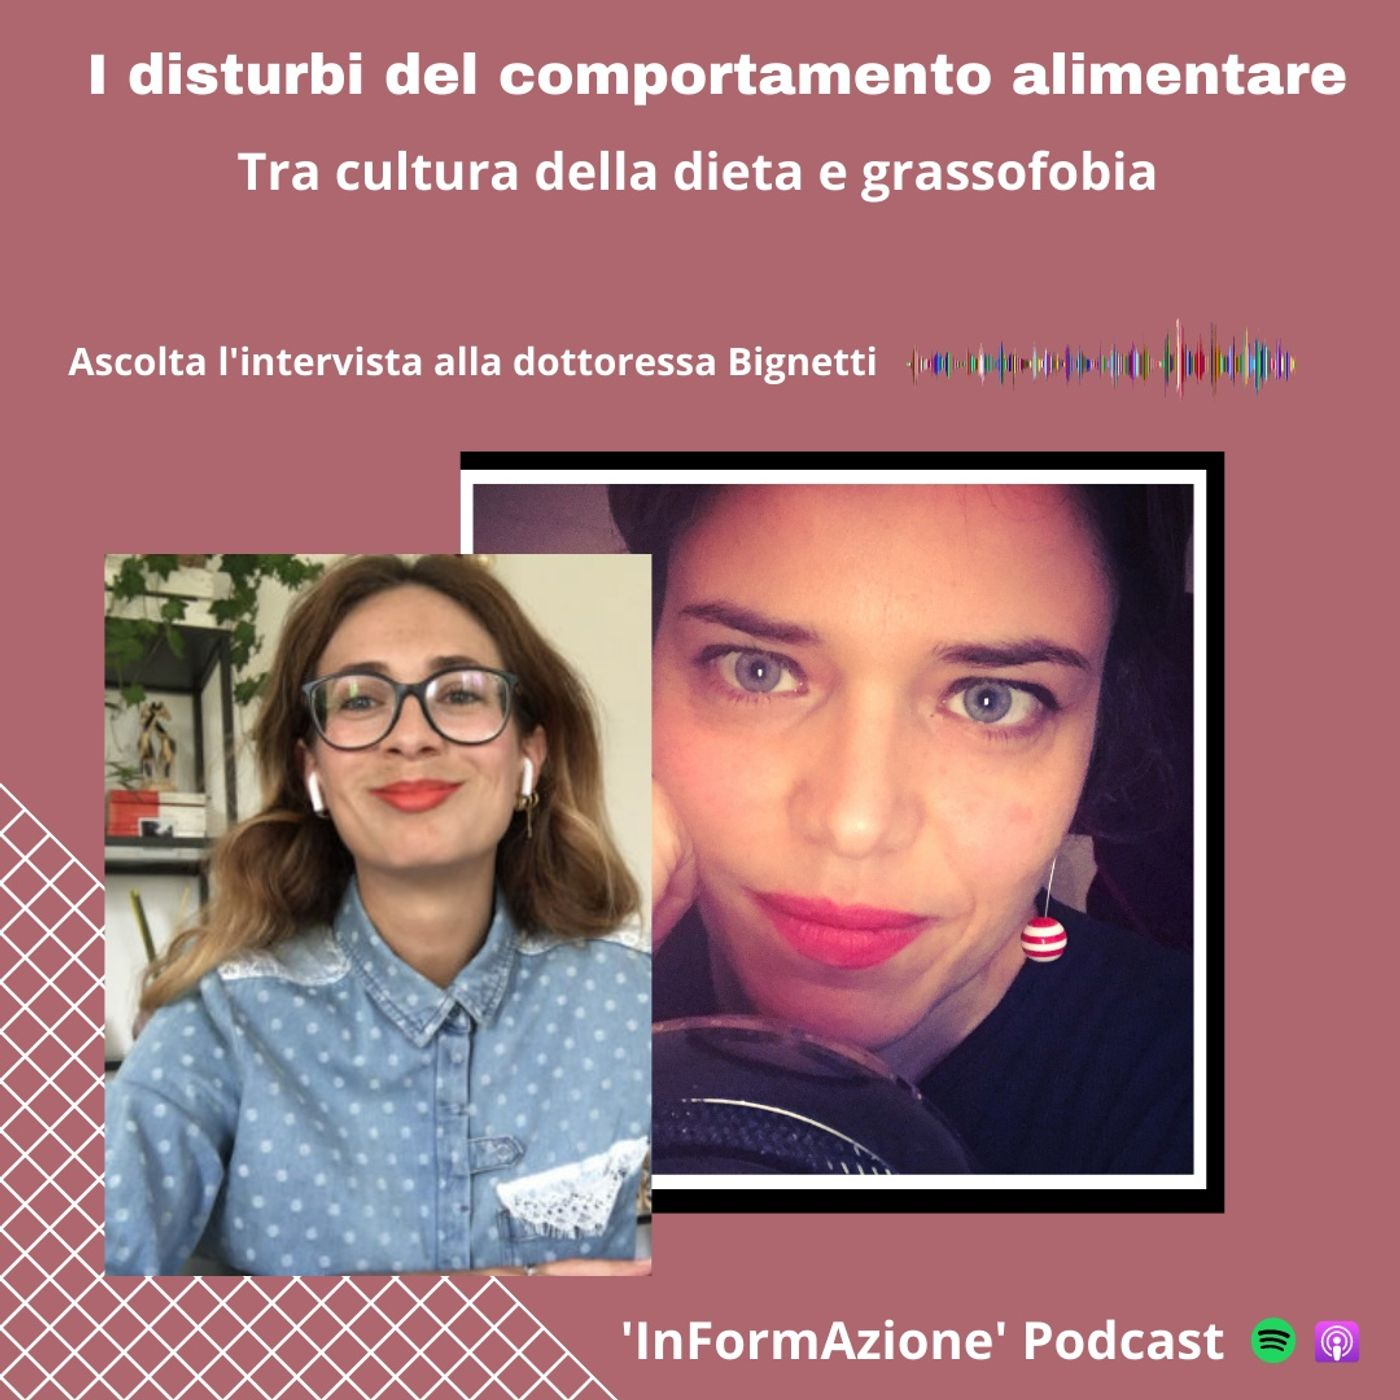 Ep. 14 - I disturbi alimentari tra cultura della dieta e grassofobia, intervista a Veronica Bignetti